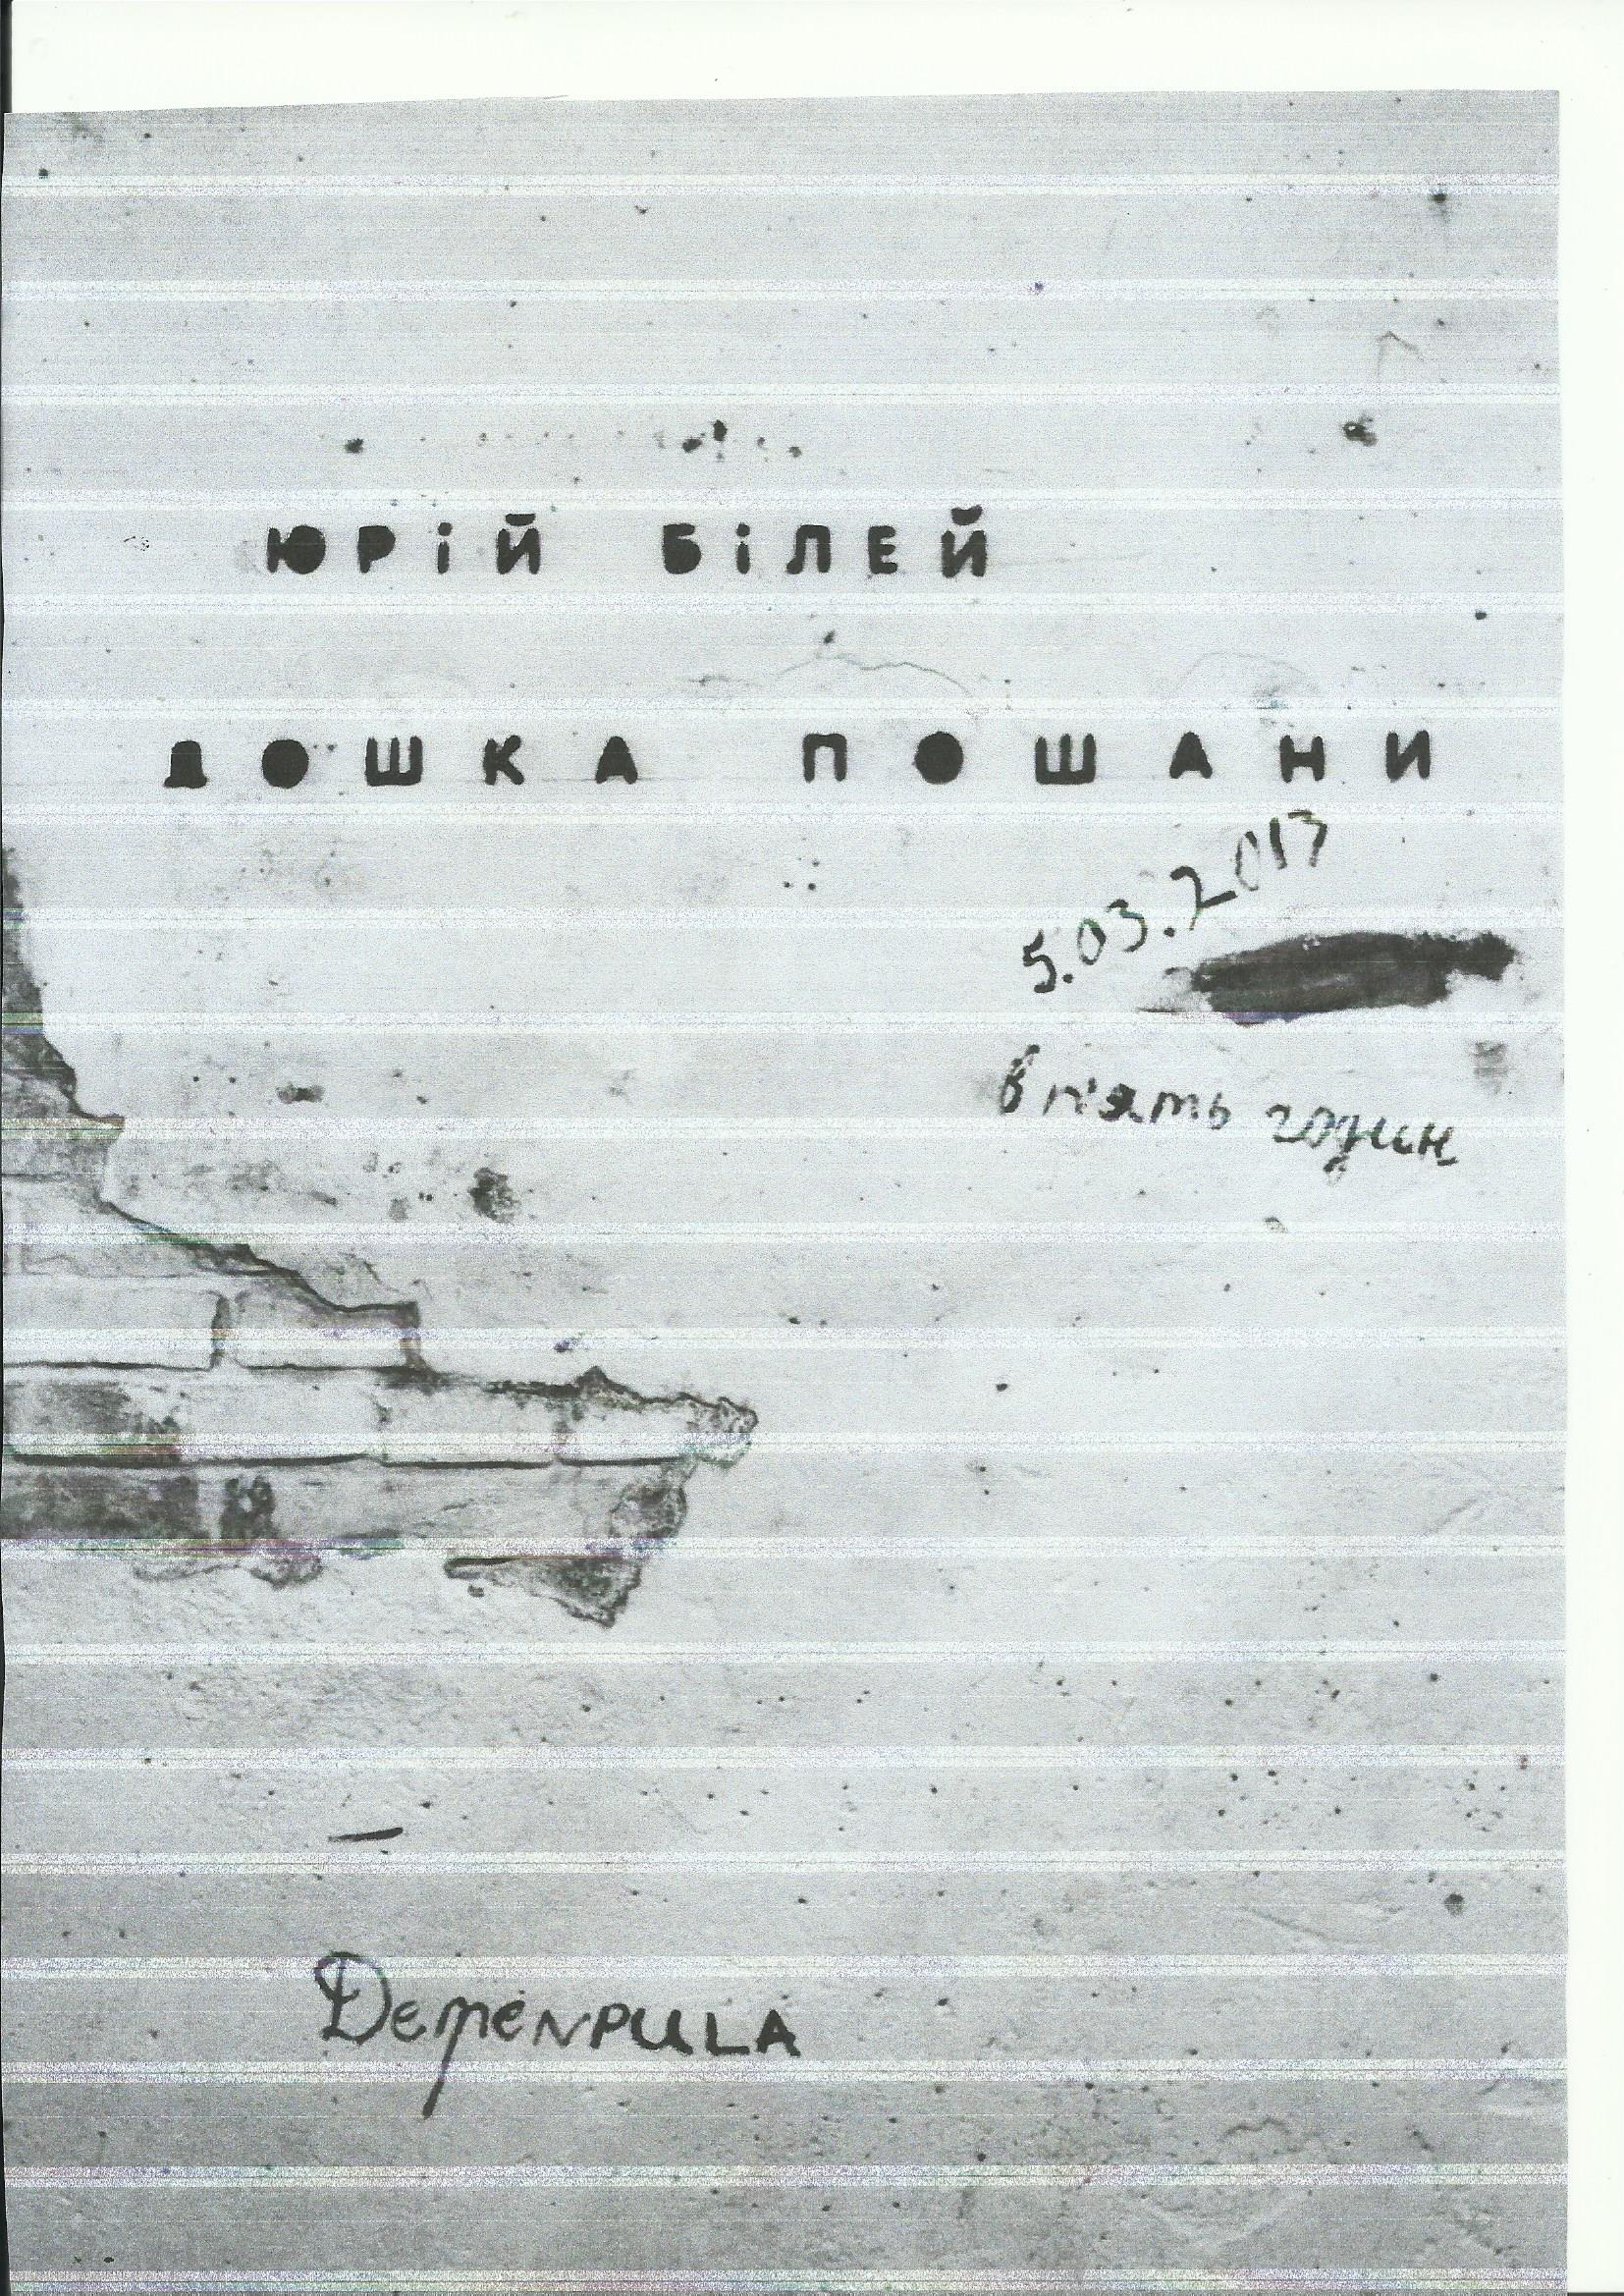 Афіша до виставки Юрія Білея «Дошка пошани». Автор плакату Станіслав Туріна